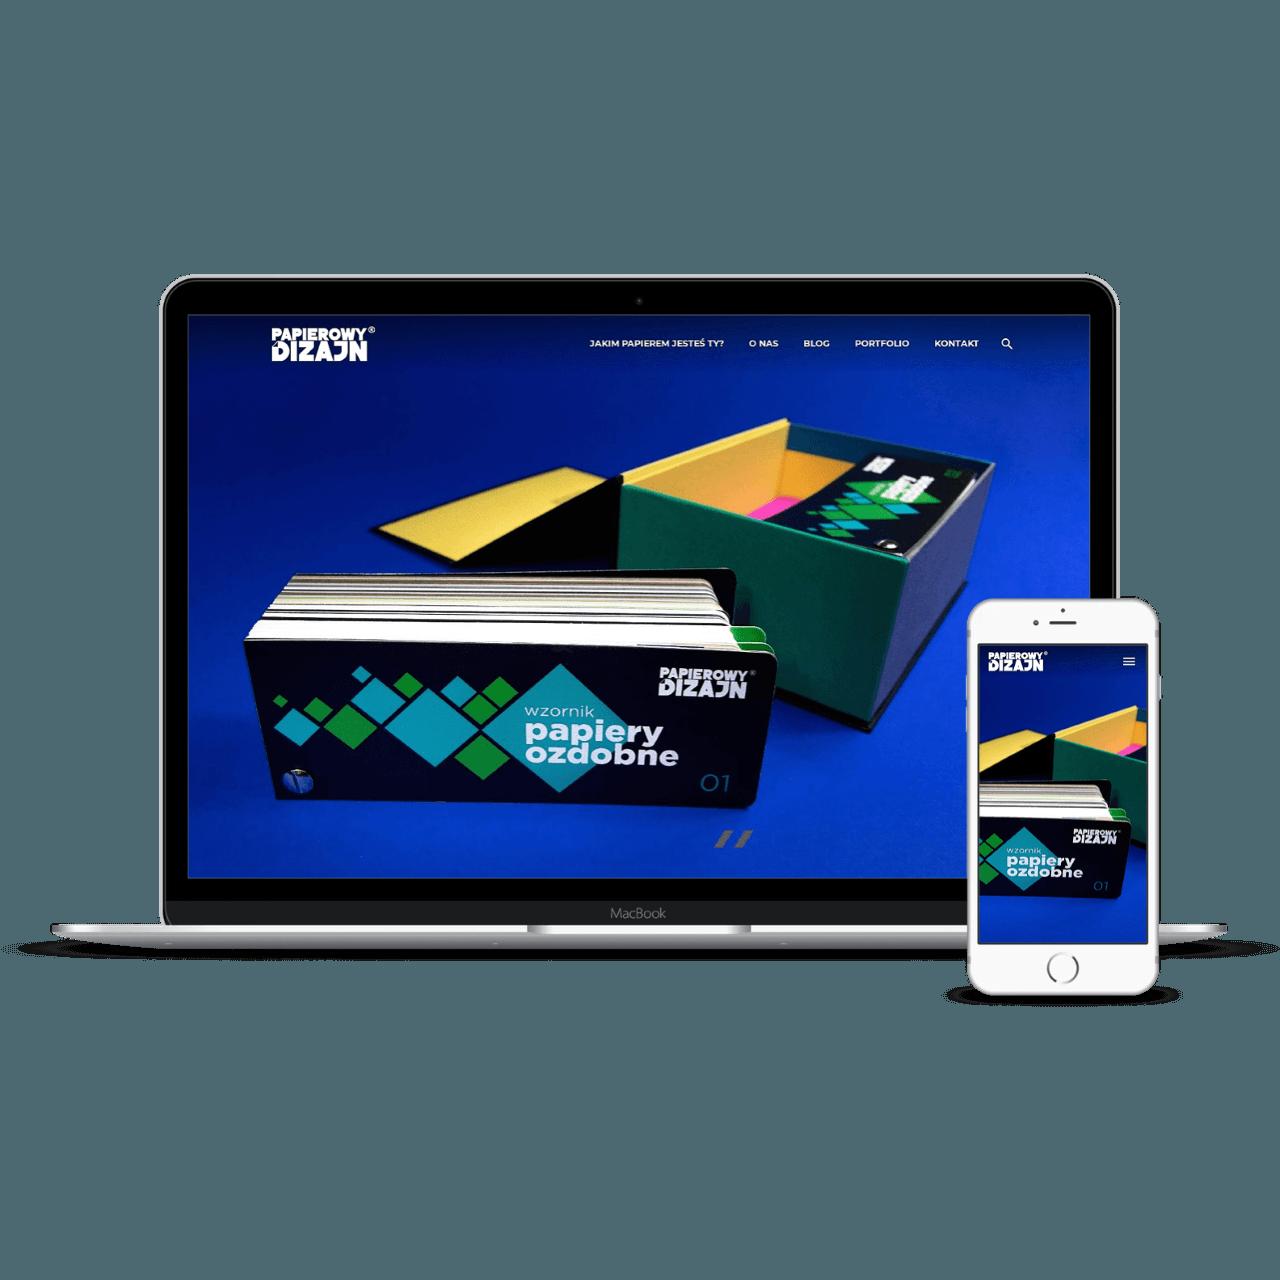 Papierowy Dizajn website